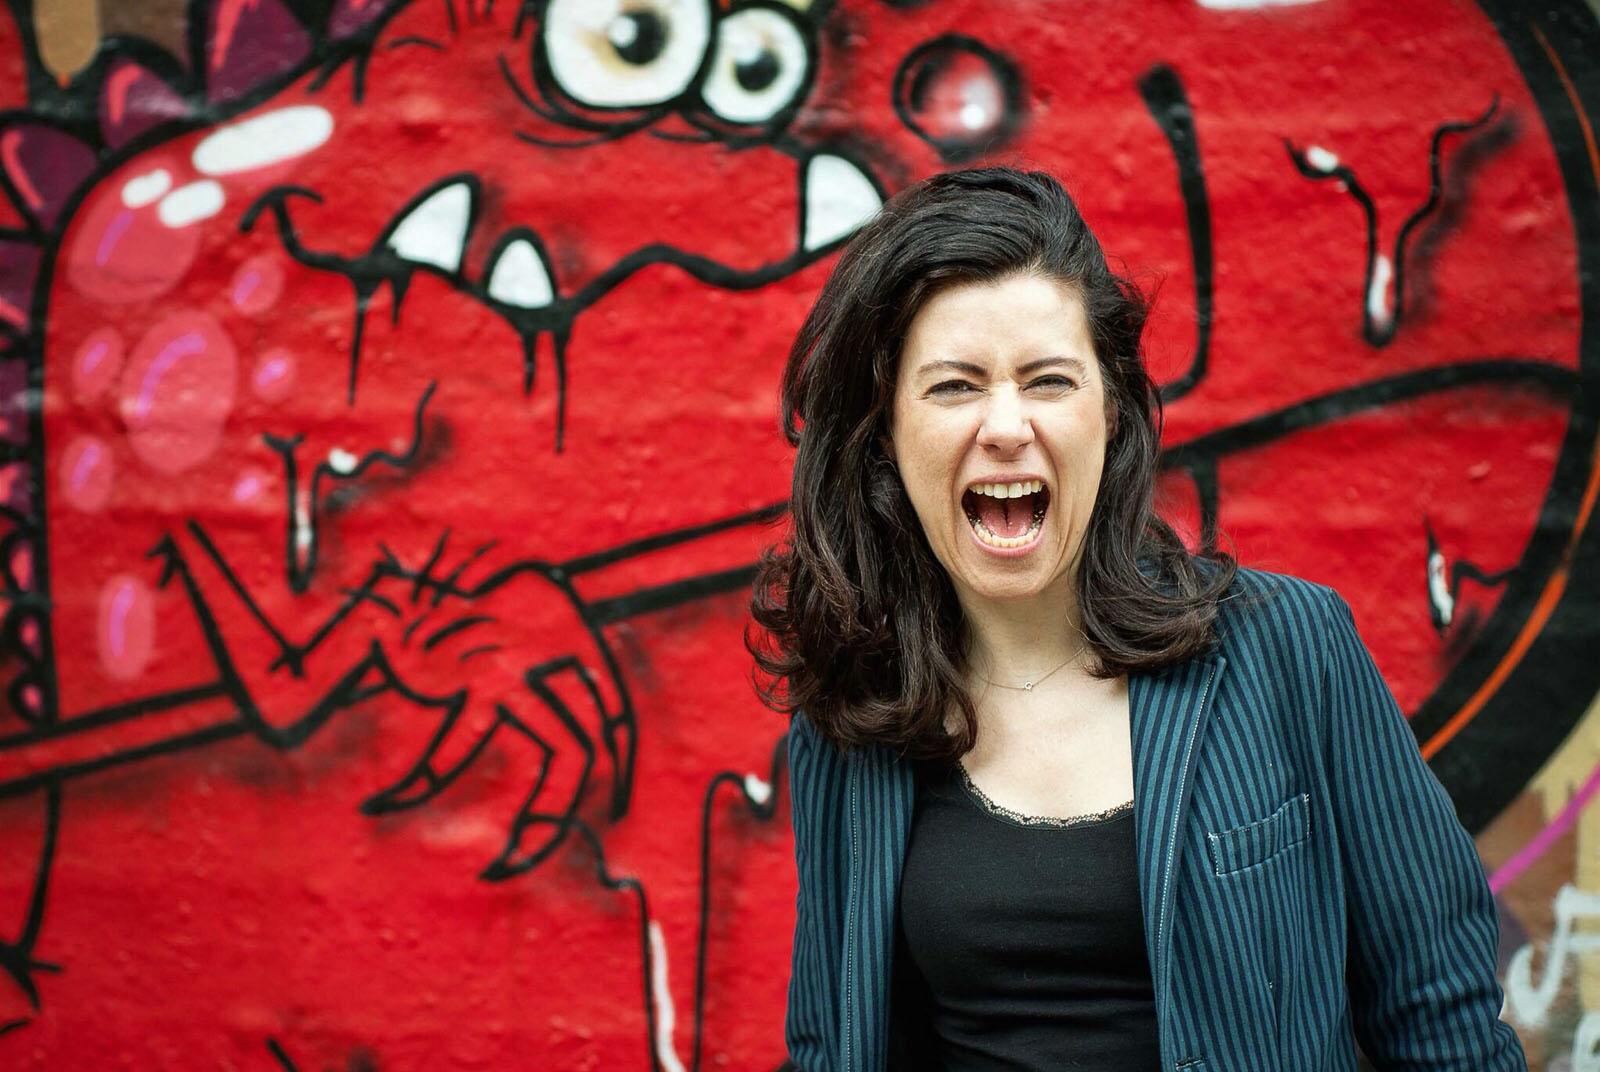 Dunkelhaarige Frau mit weit aufgerissenem Mund: Sie schreit.